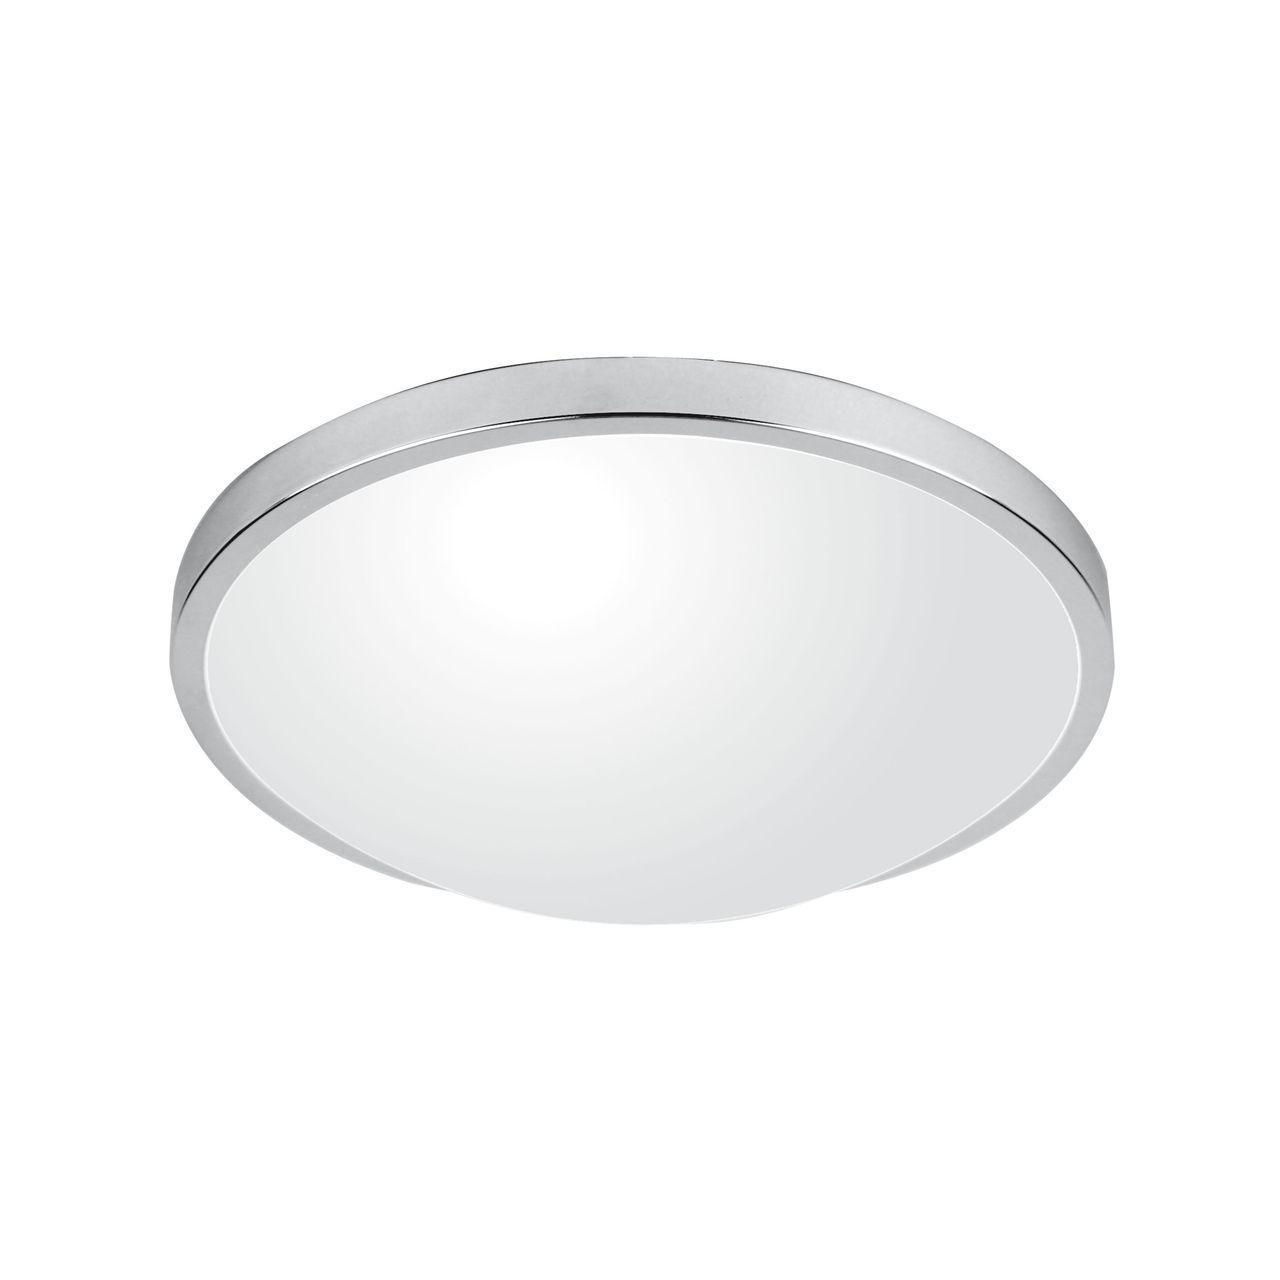 Купить Потолочный светильник Spot Light Easy, inmyroom, Польша